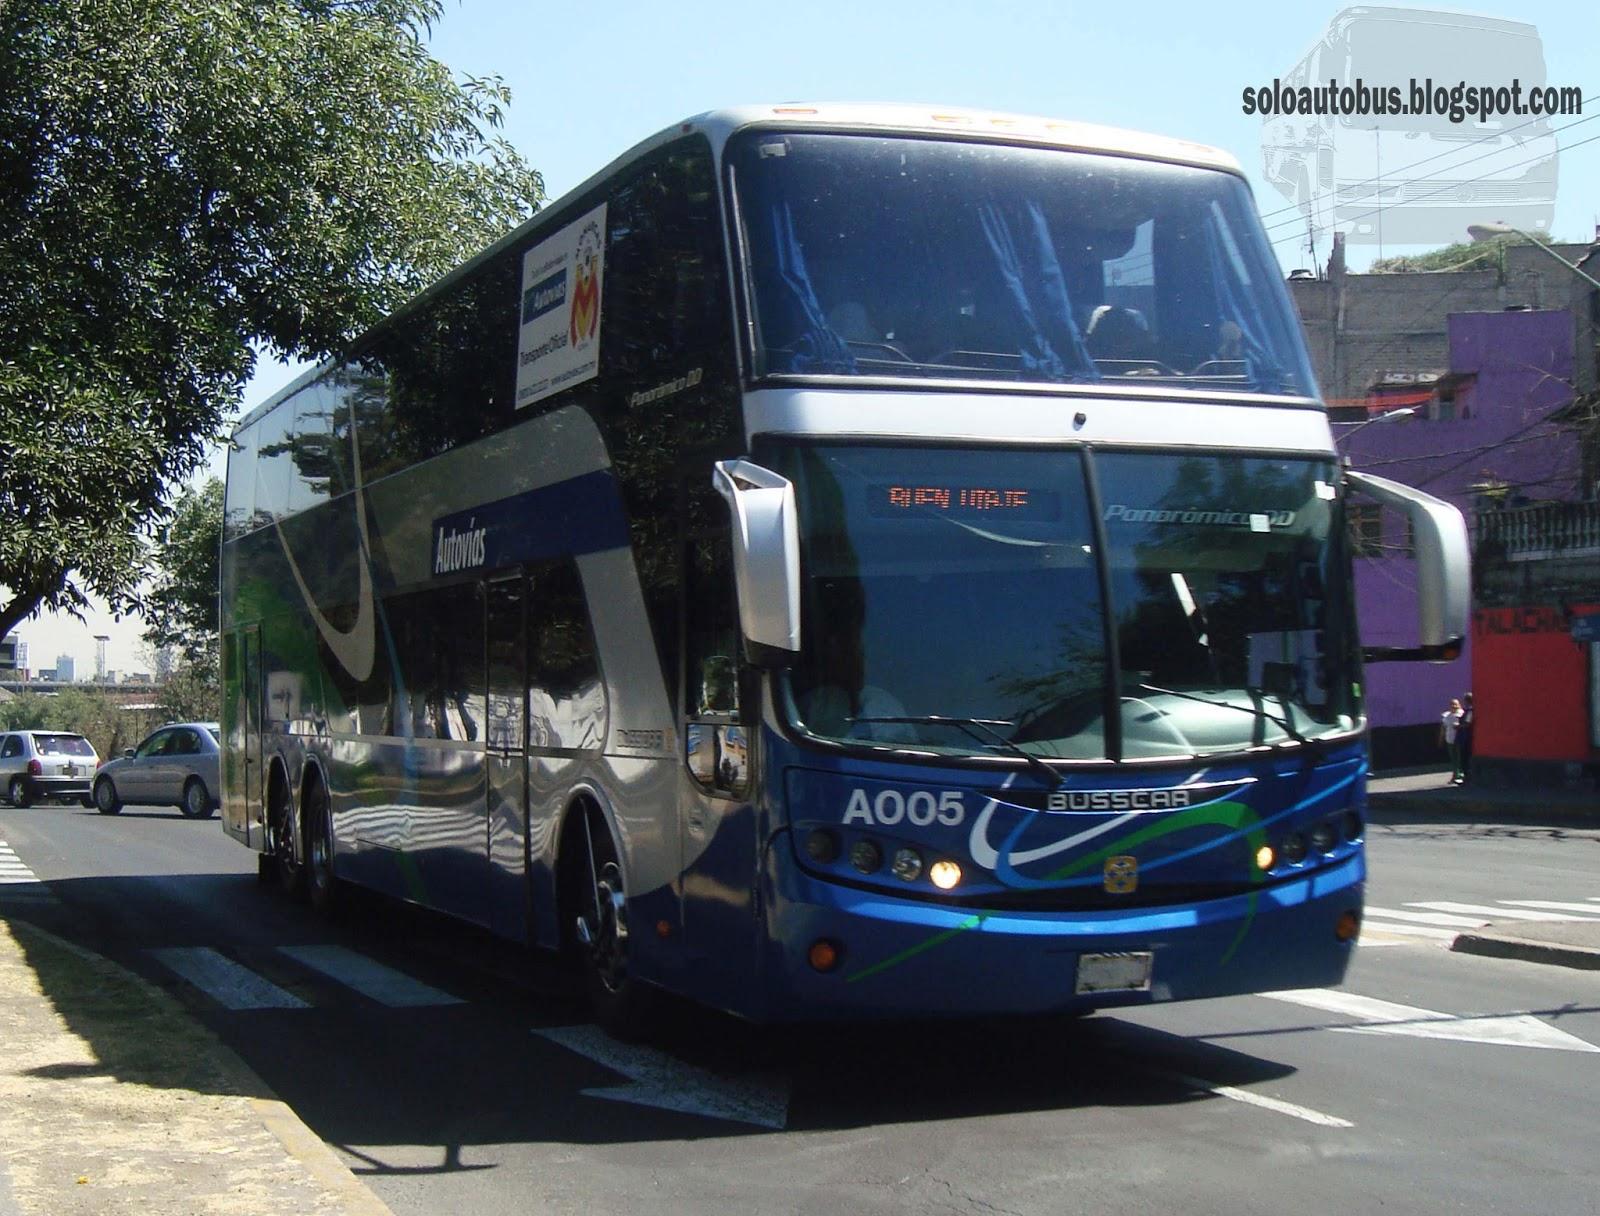 Soloautobus autovias de dos pisos - Autobuses de dos pisos ...